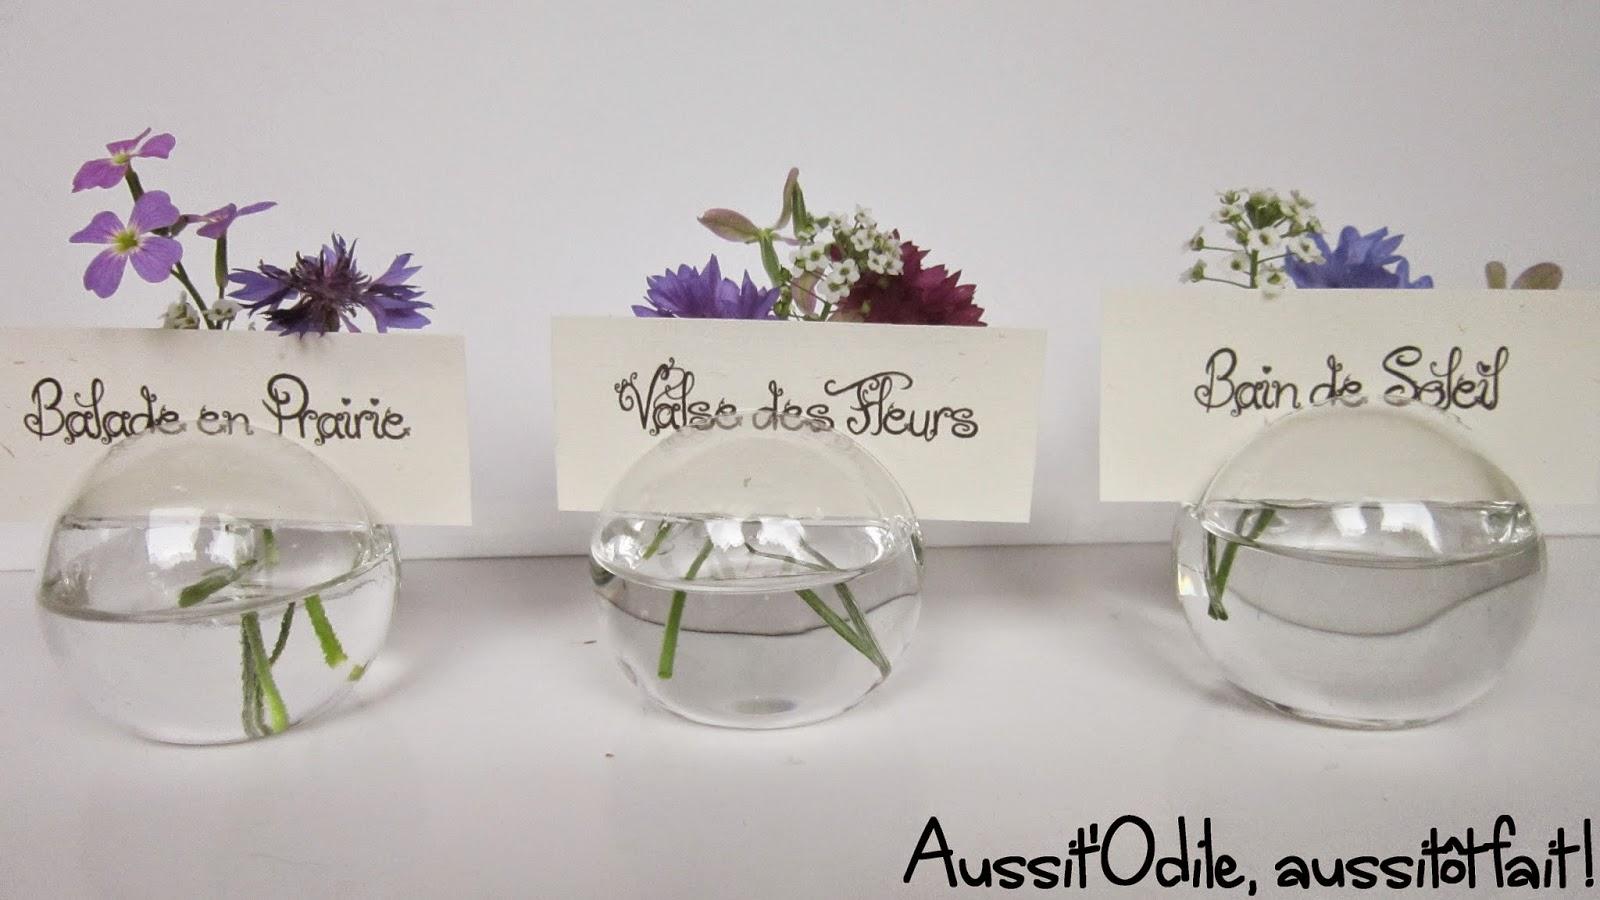 Aussit 39 Odile Aussit T Fait Les Id Es Passent Table